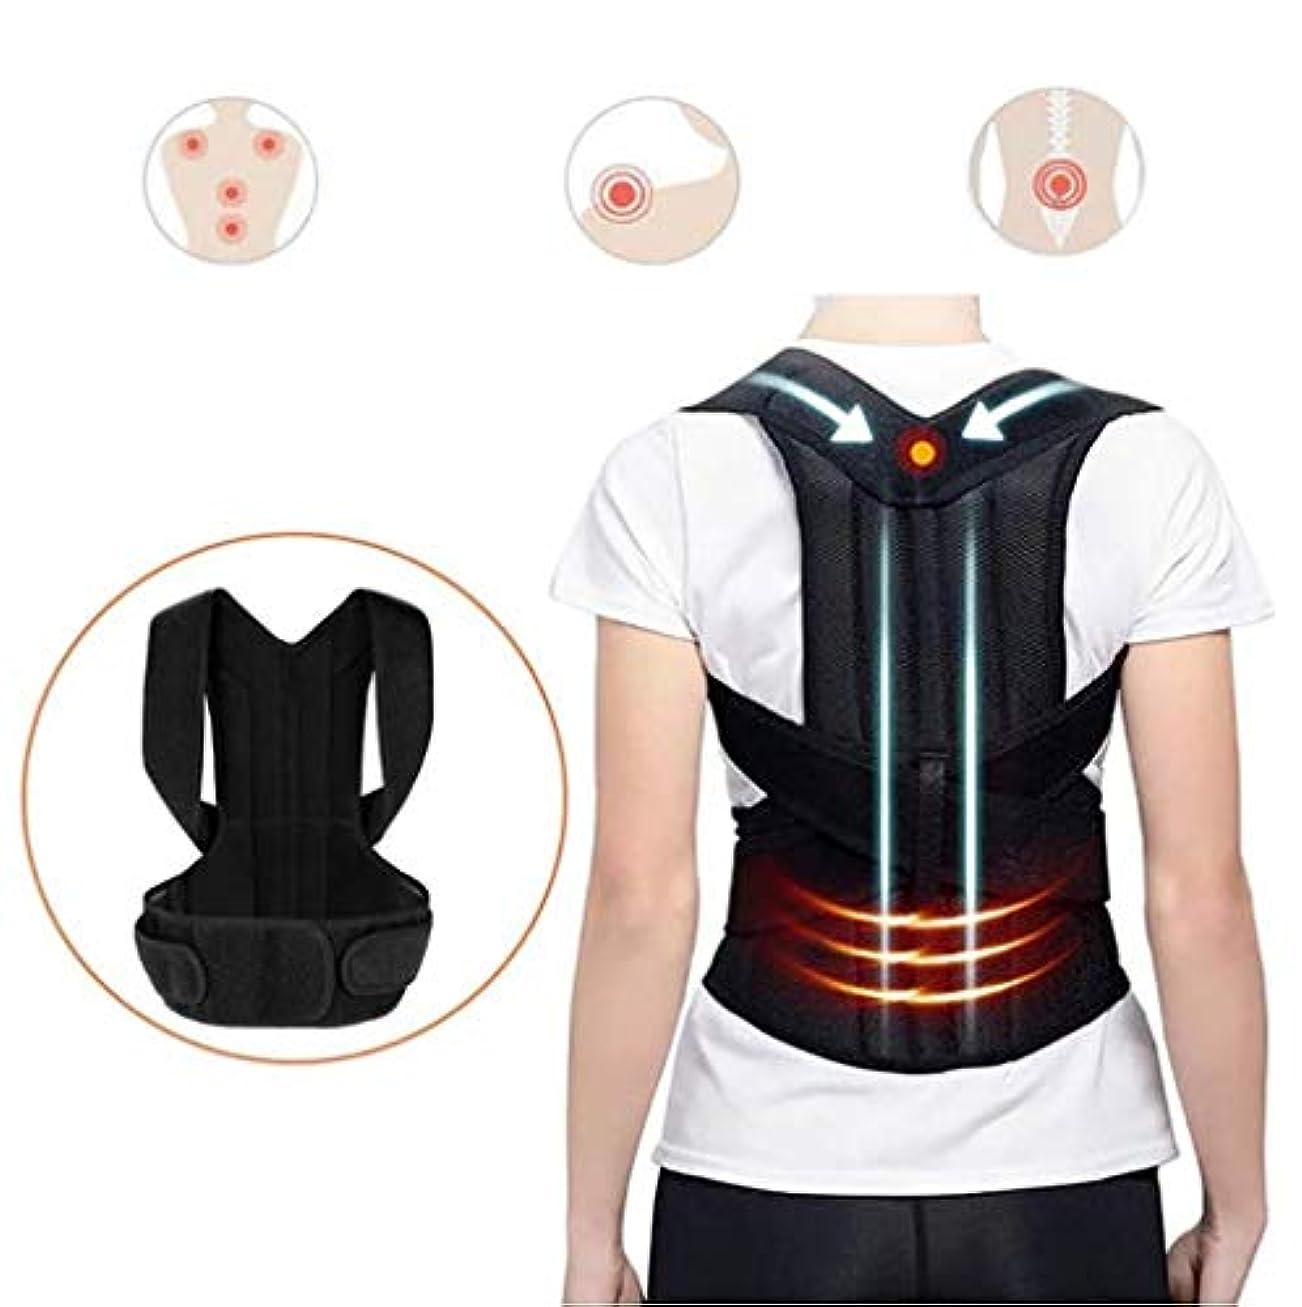 マイコンパーティション衝撃姿勢矯正ベルト、背部装具、悪い姿勢の改善、気質の改善、調整可能、腰痛緩和のための二重強力副木付き (Size : L)